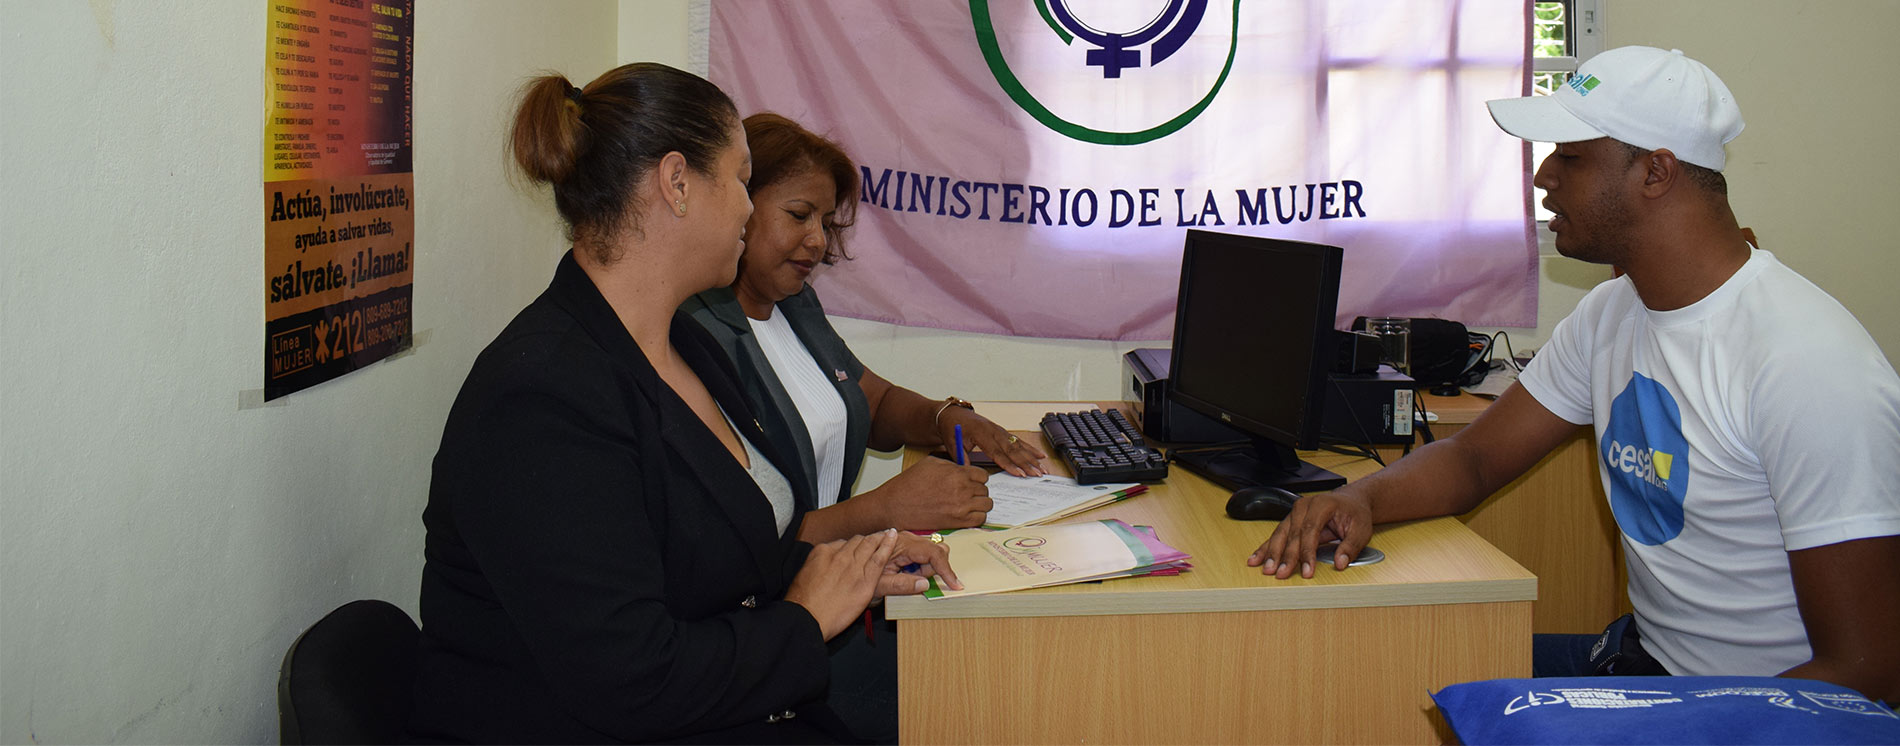 Empoderamiento económico y social para las mujeres